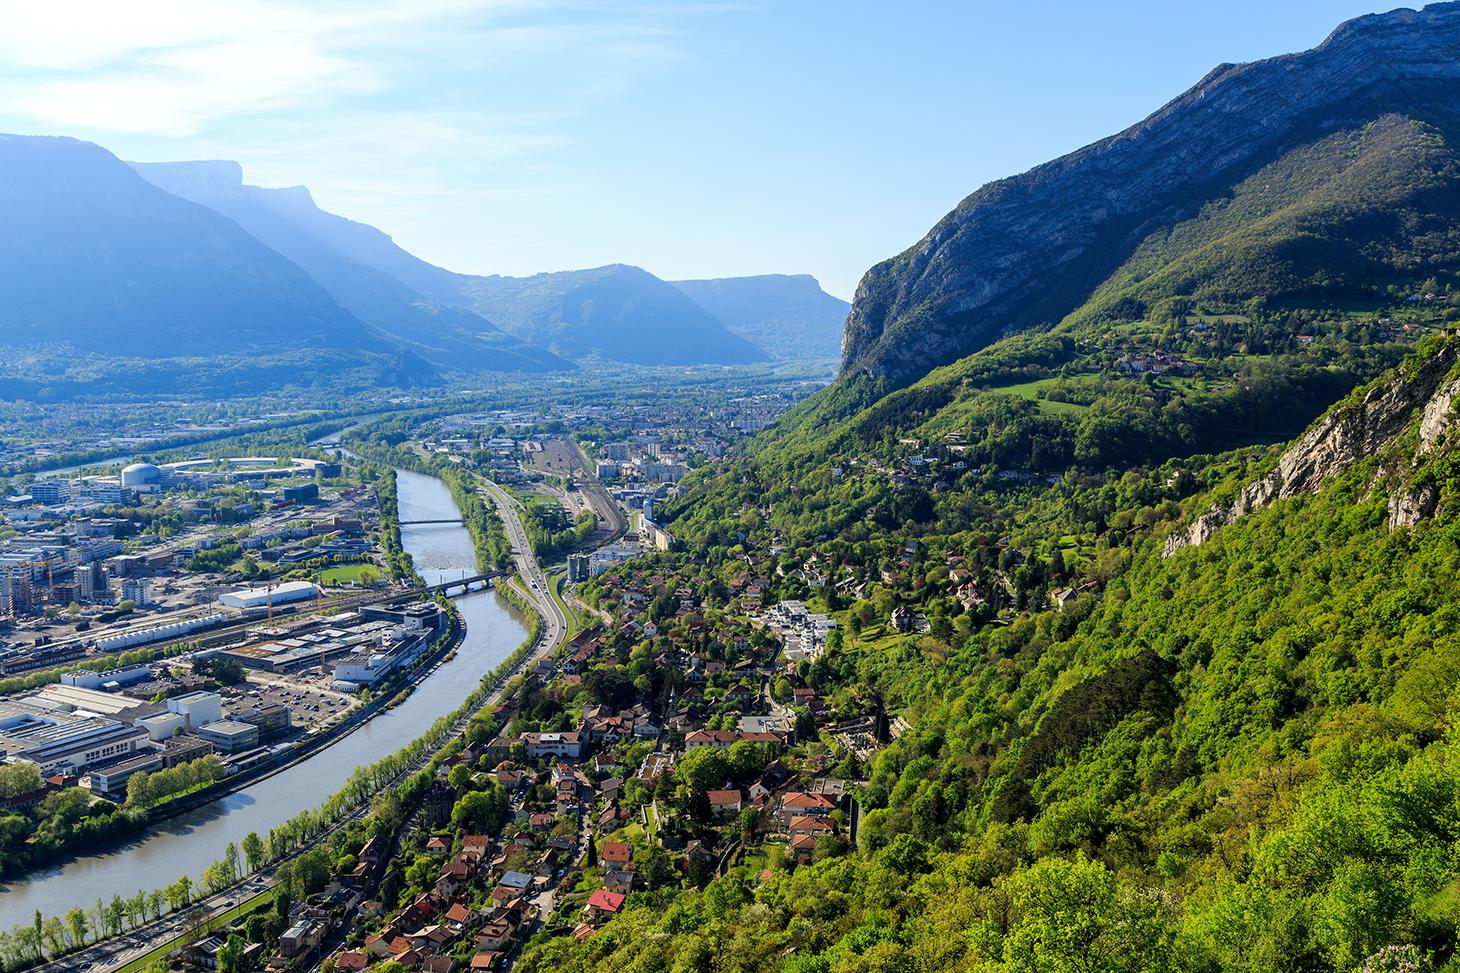 La Presqu'ile de Grenoble